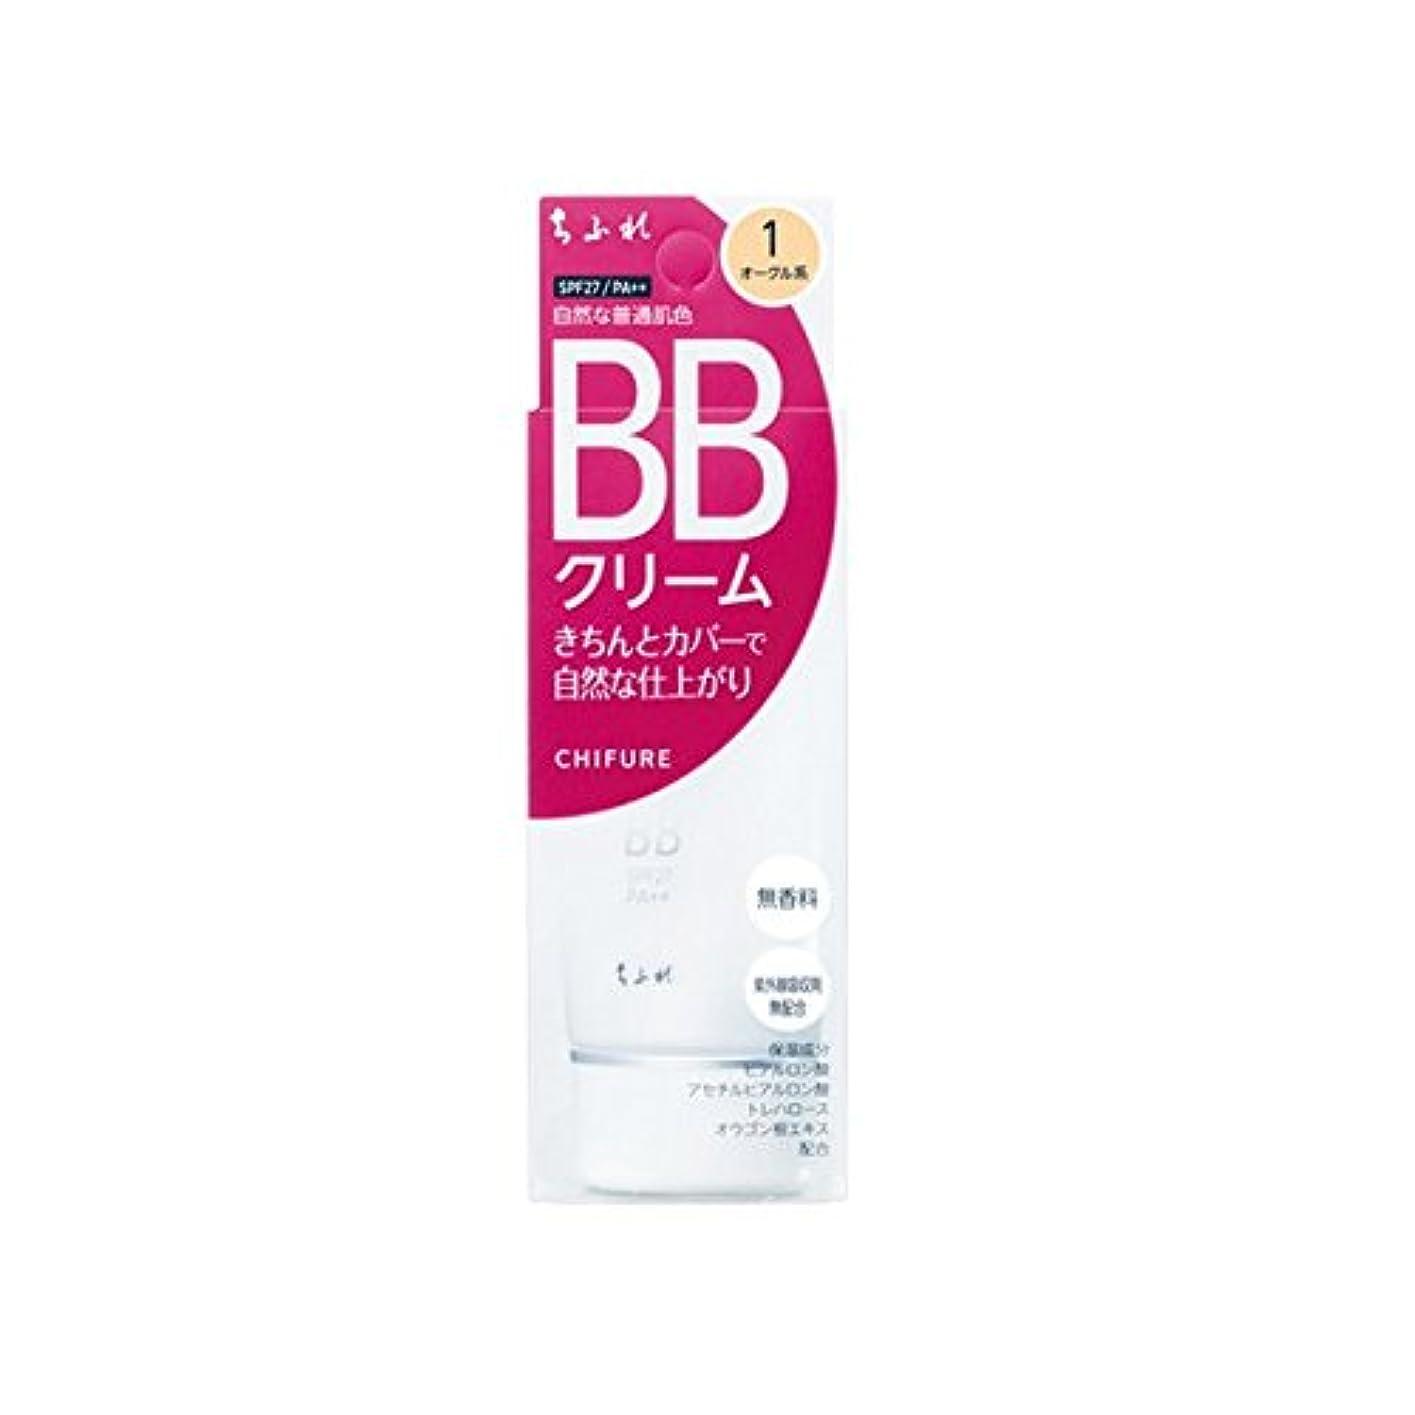 最近教義証言するちふれ化粧品 BB クリーム 1 自然な普通肌色 BBクリーム 1